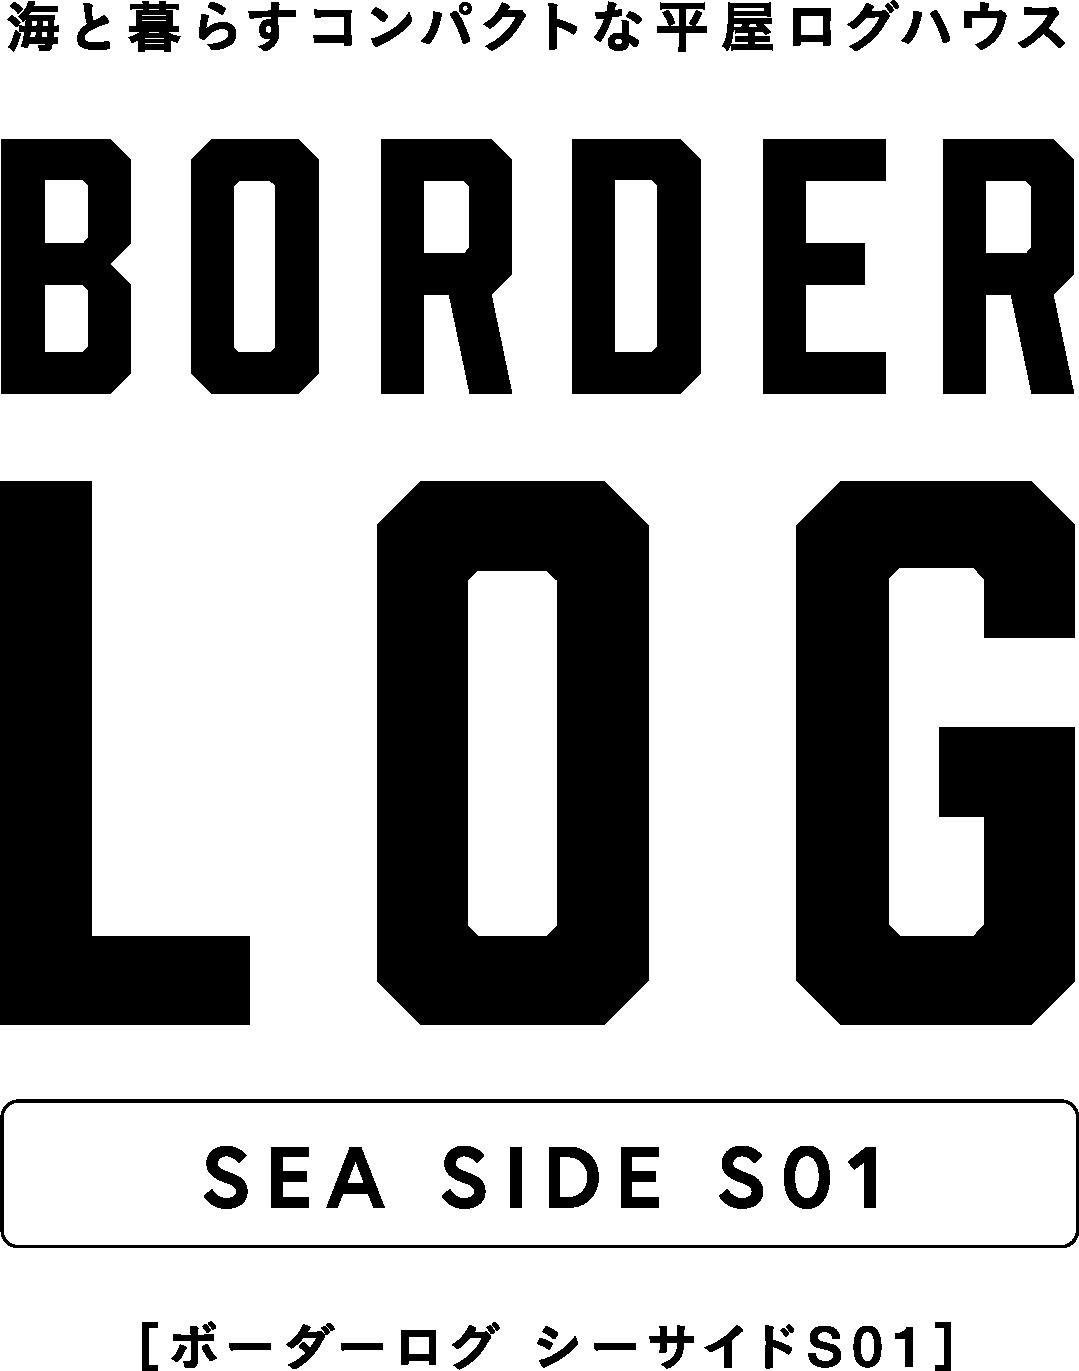 海と暮らすコンパクトな平屋ログハウス BORDER LOG SEA SIDE S01(ボーダーログ シーサイドS01)